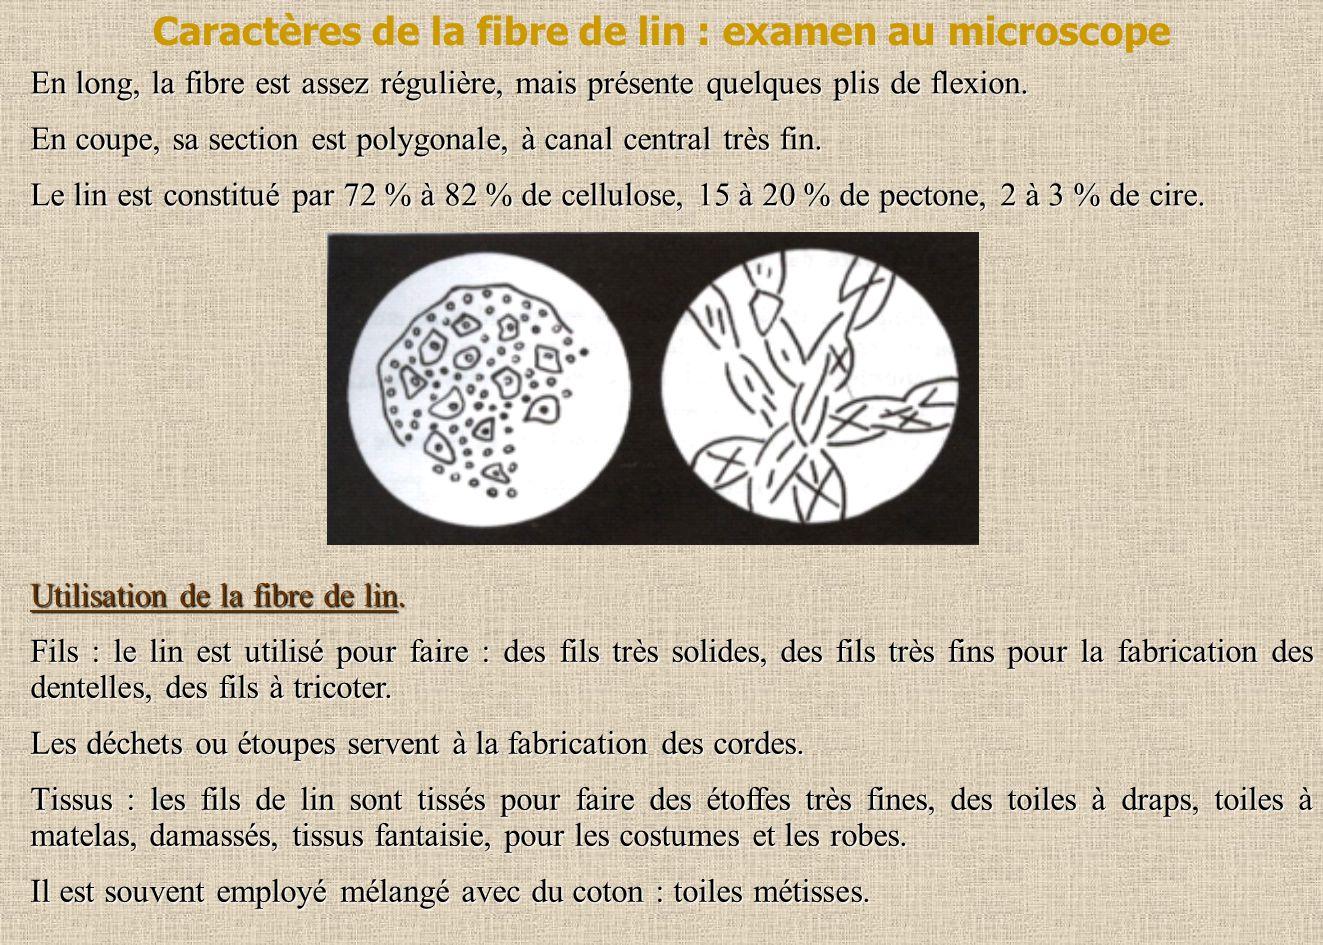 Caractères de la fibre de lin : examen au microscope